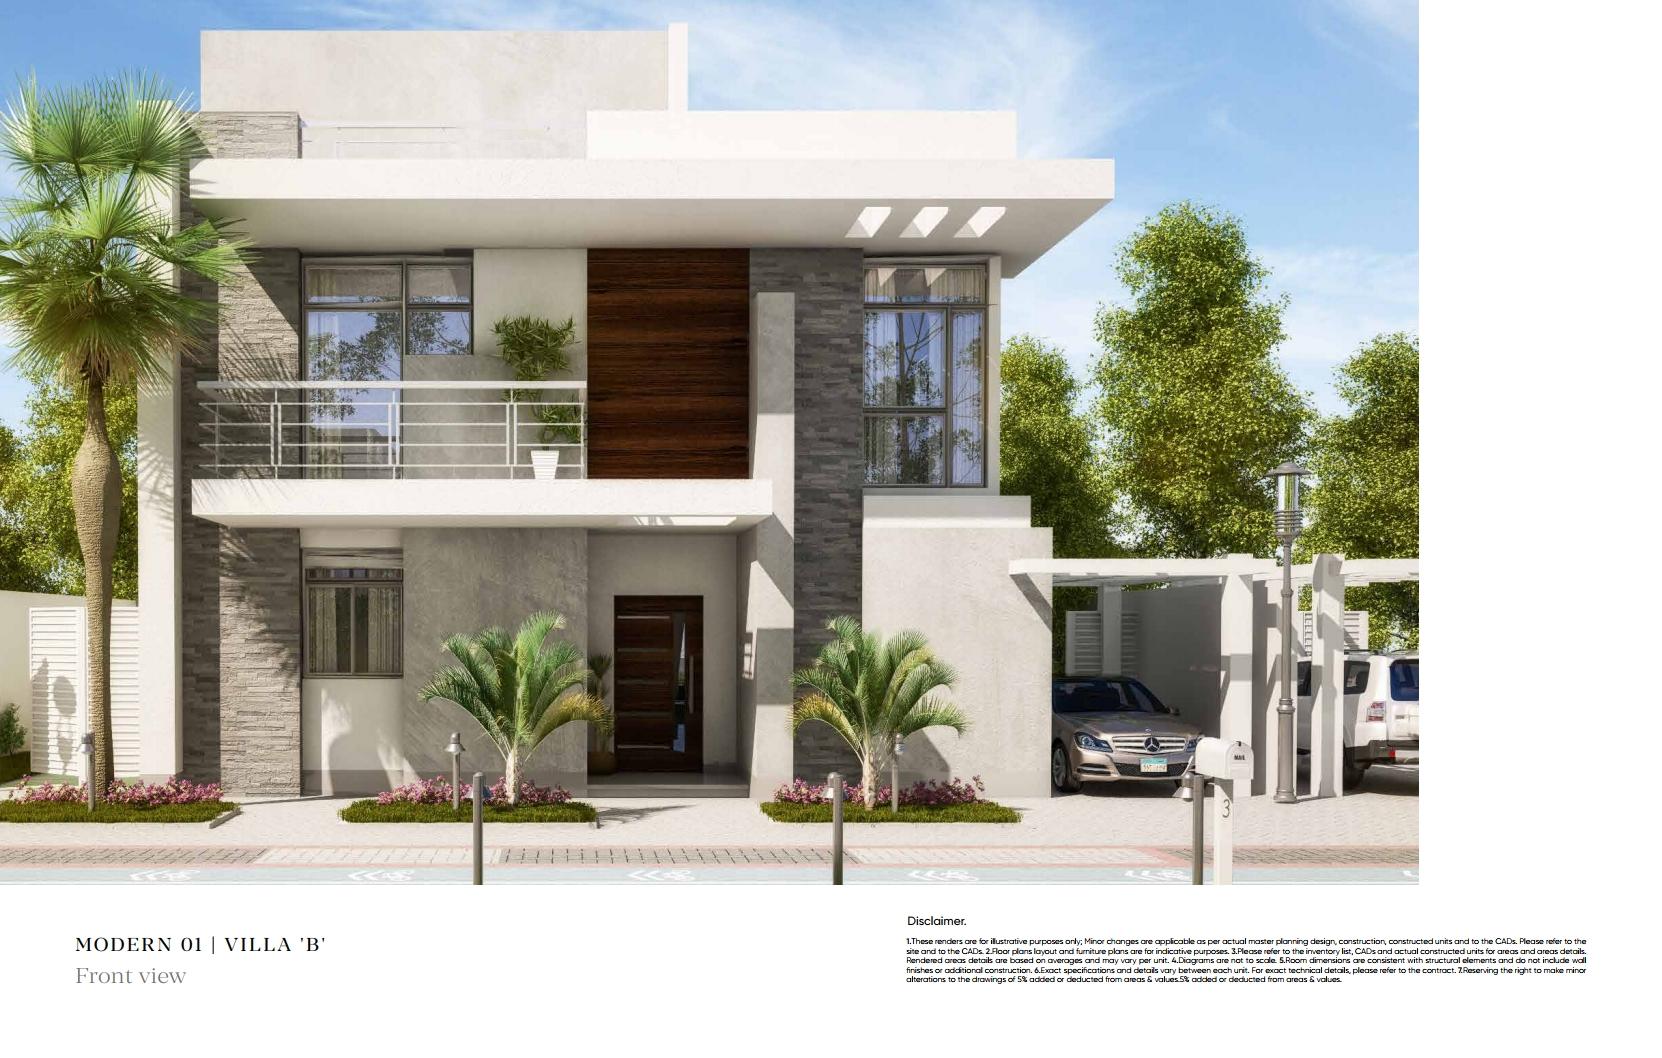 كمبوند المقصد أول حي جاهز للسكن في العاصمة الإدارية الجديدة